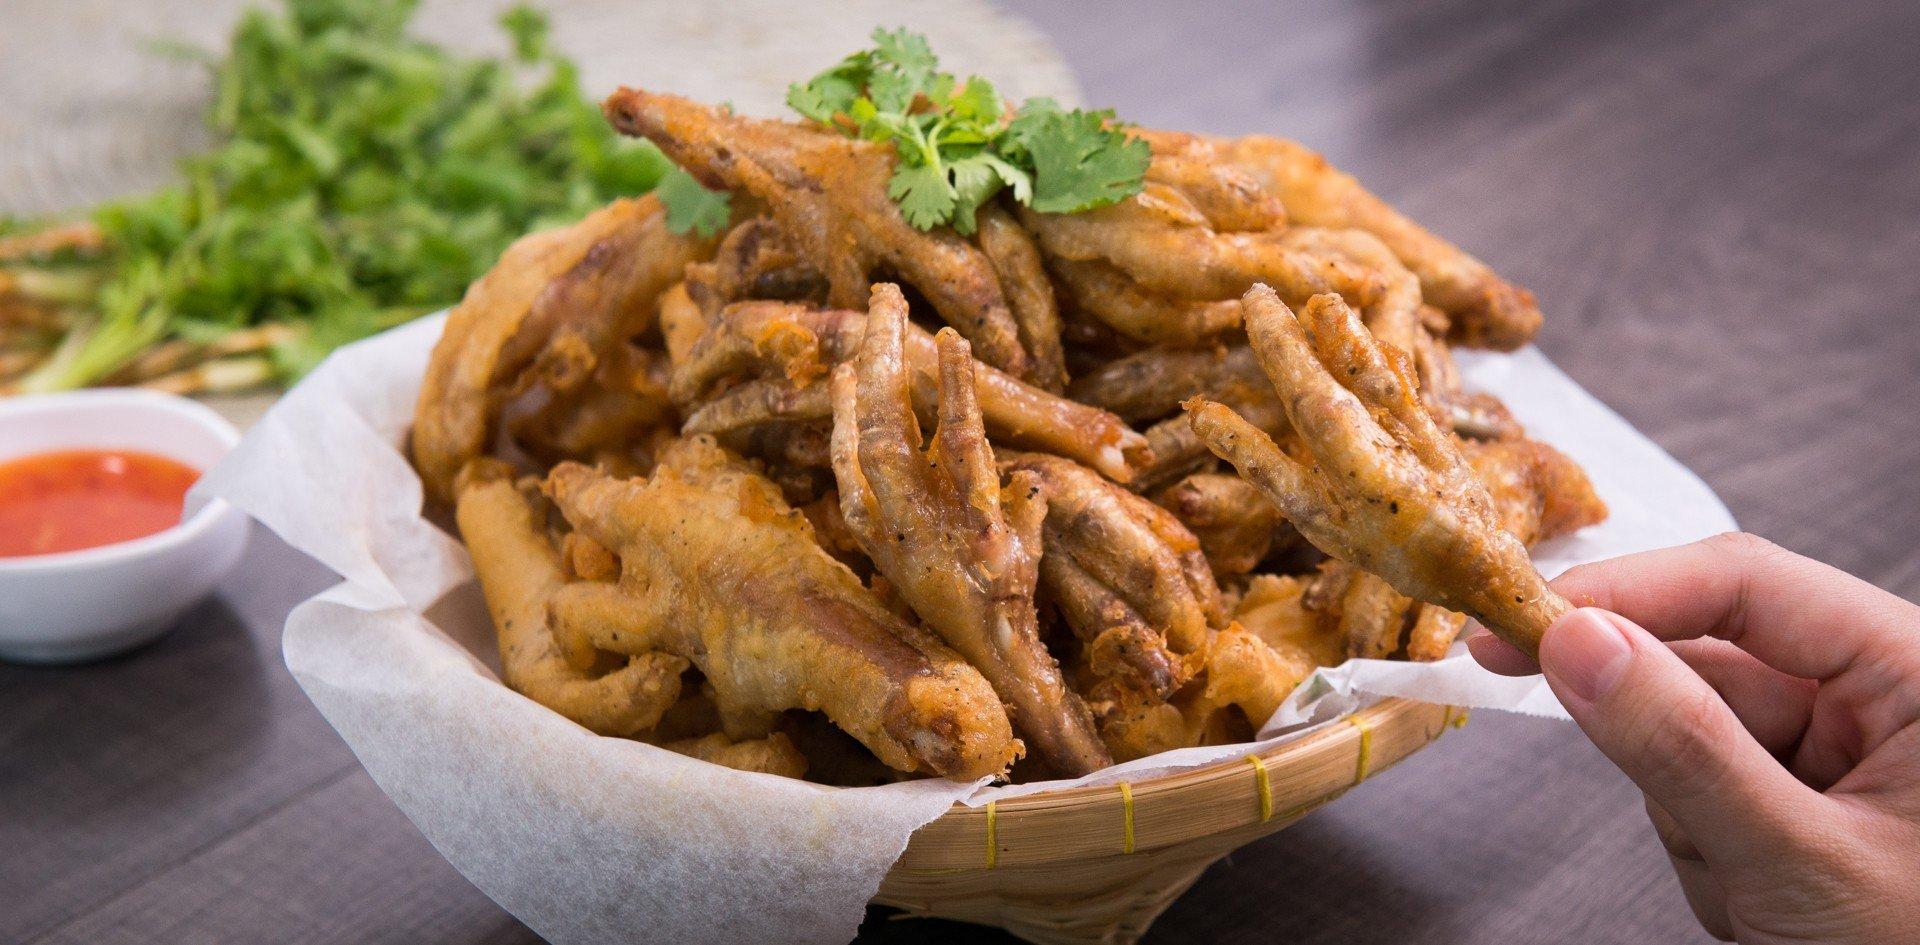 """วิธีทำ """"ตีนไก่ทอดน้ำปลา"""" เมนูทอดแทะมันส์ กรอบยันกระดูก! - Wongnai"""